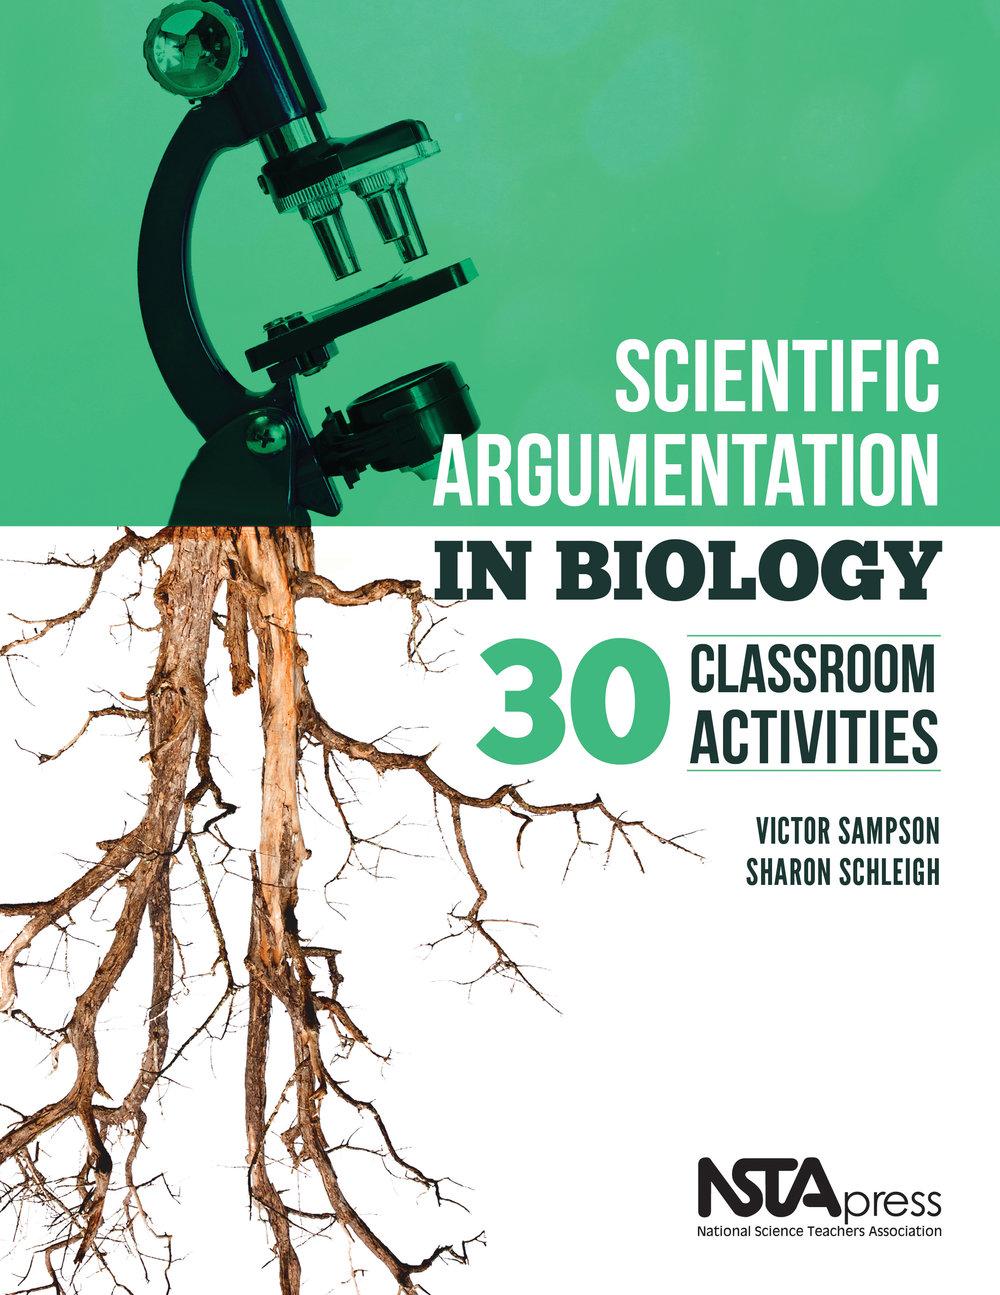 Sci Argument in Bio.jpg